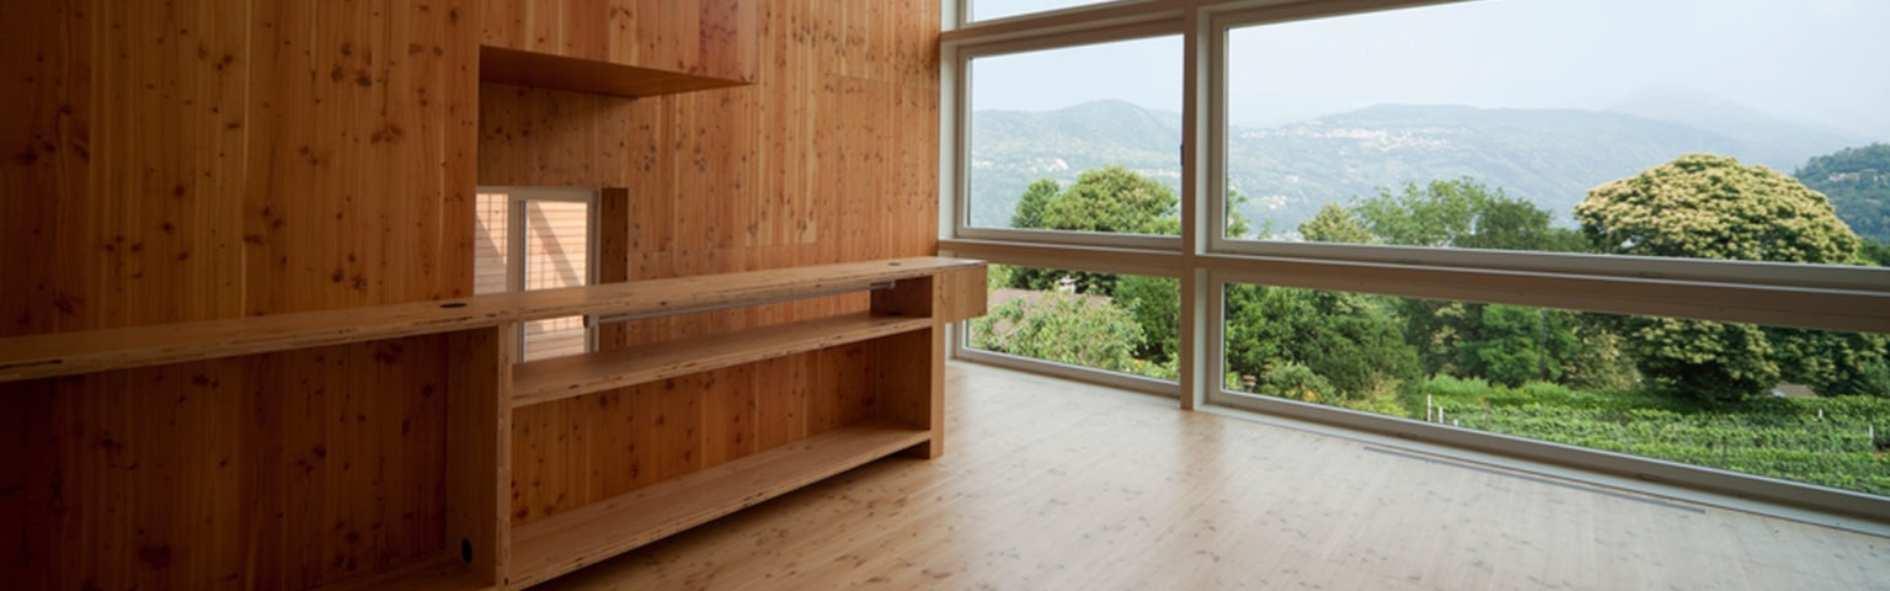 Conoce las casas ecológicas y sus ventajas para el medio ambiente